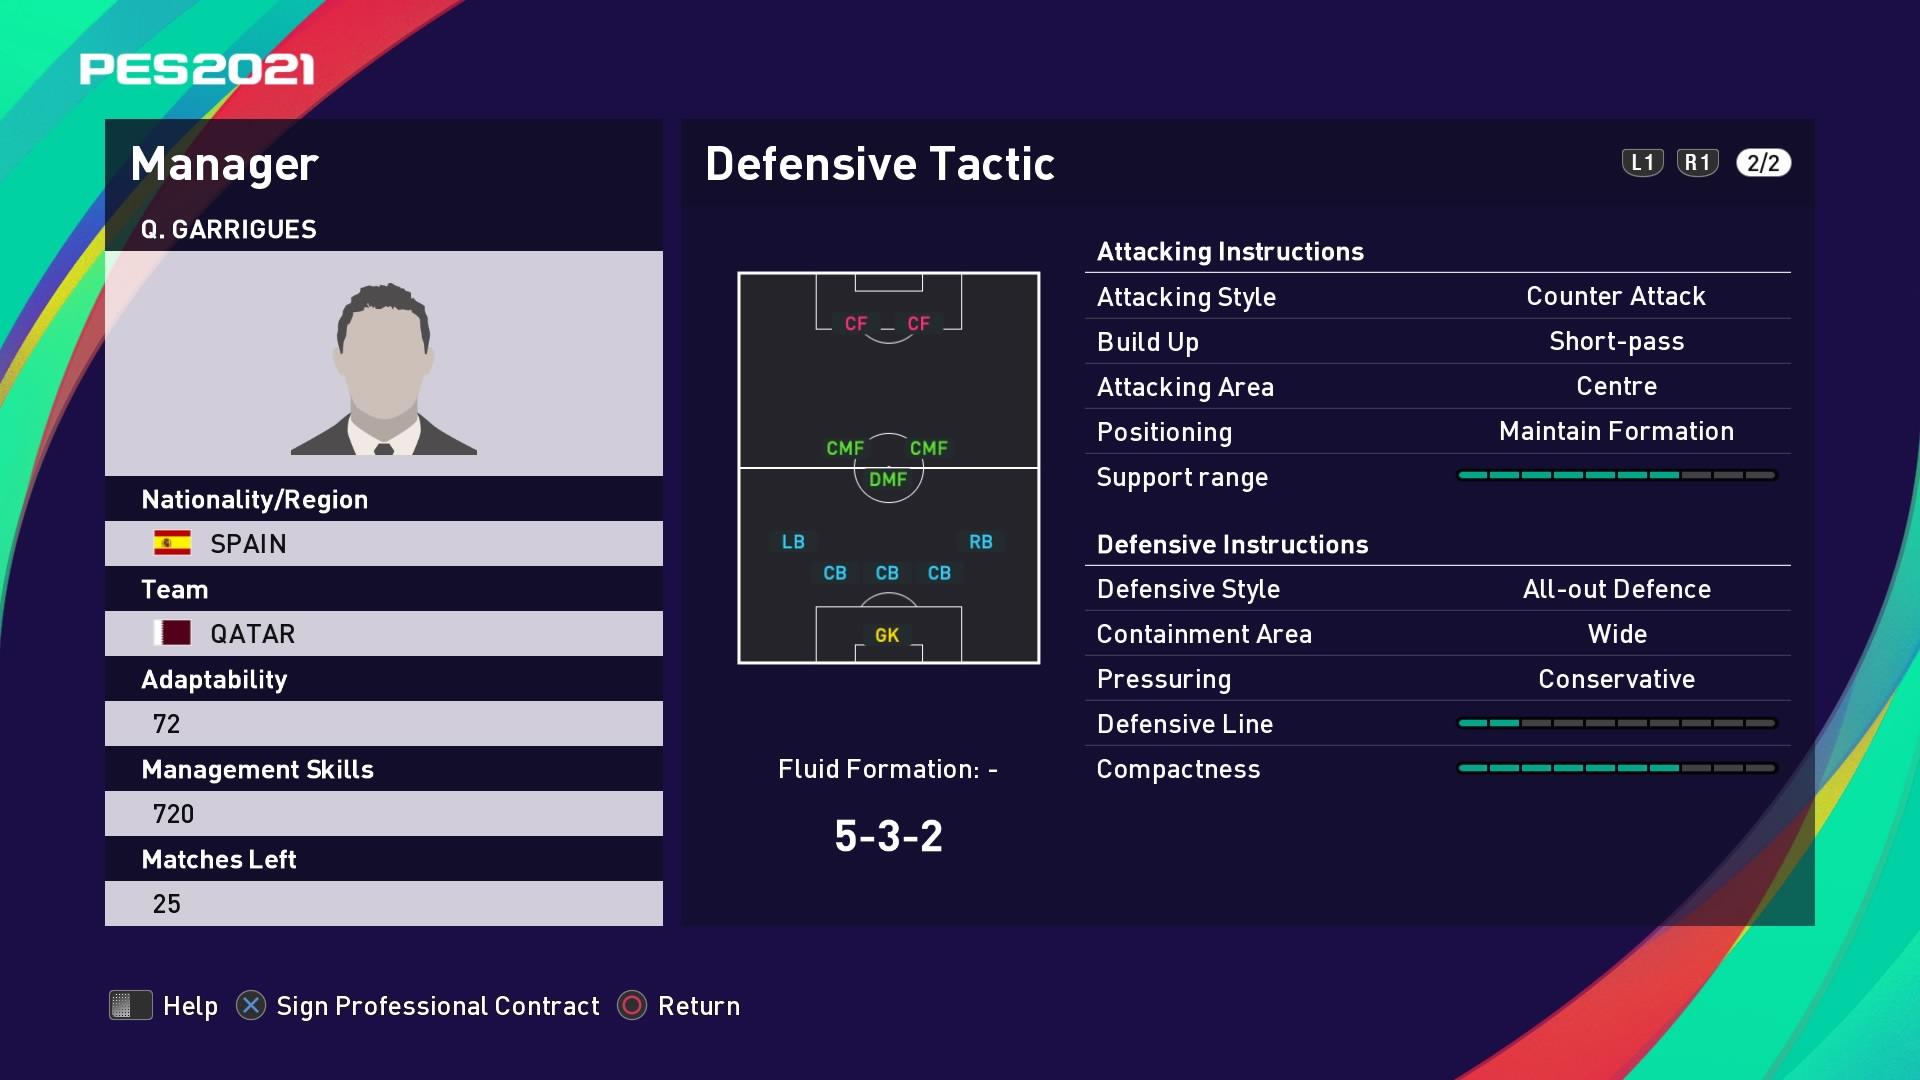 Q. Garrigues (Félix Sánchez Bas) Defensive Tactic in PES 2021 myClub